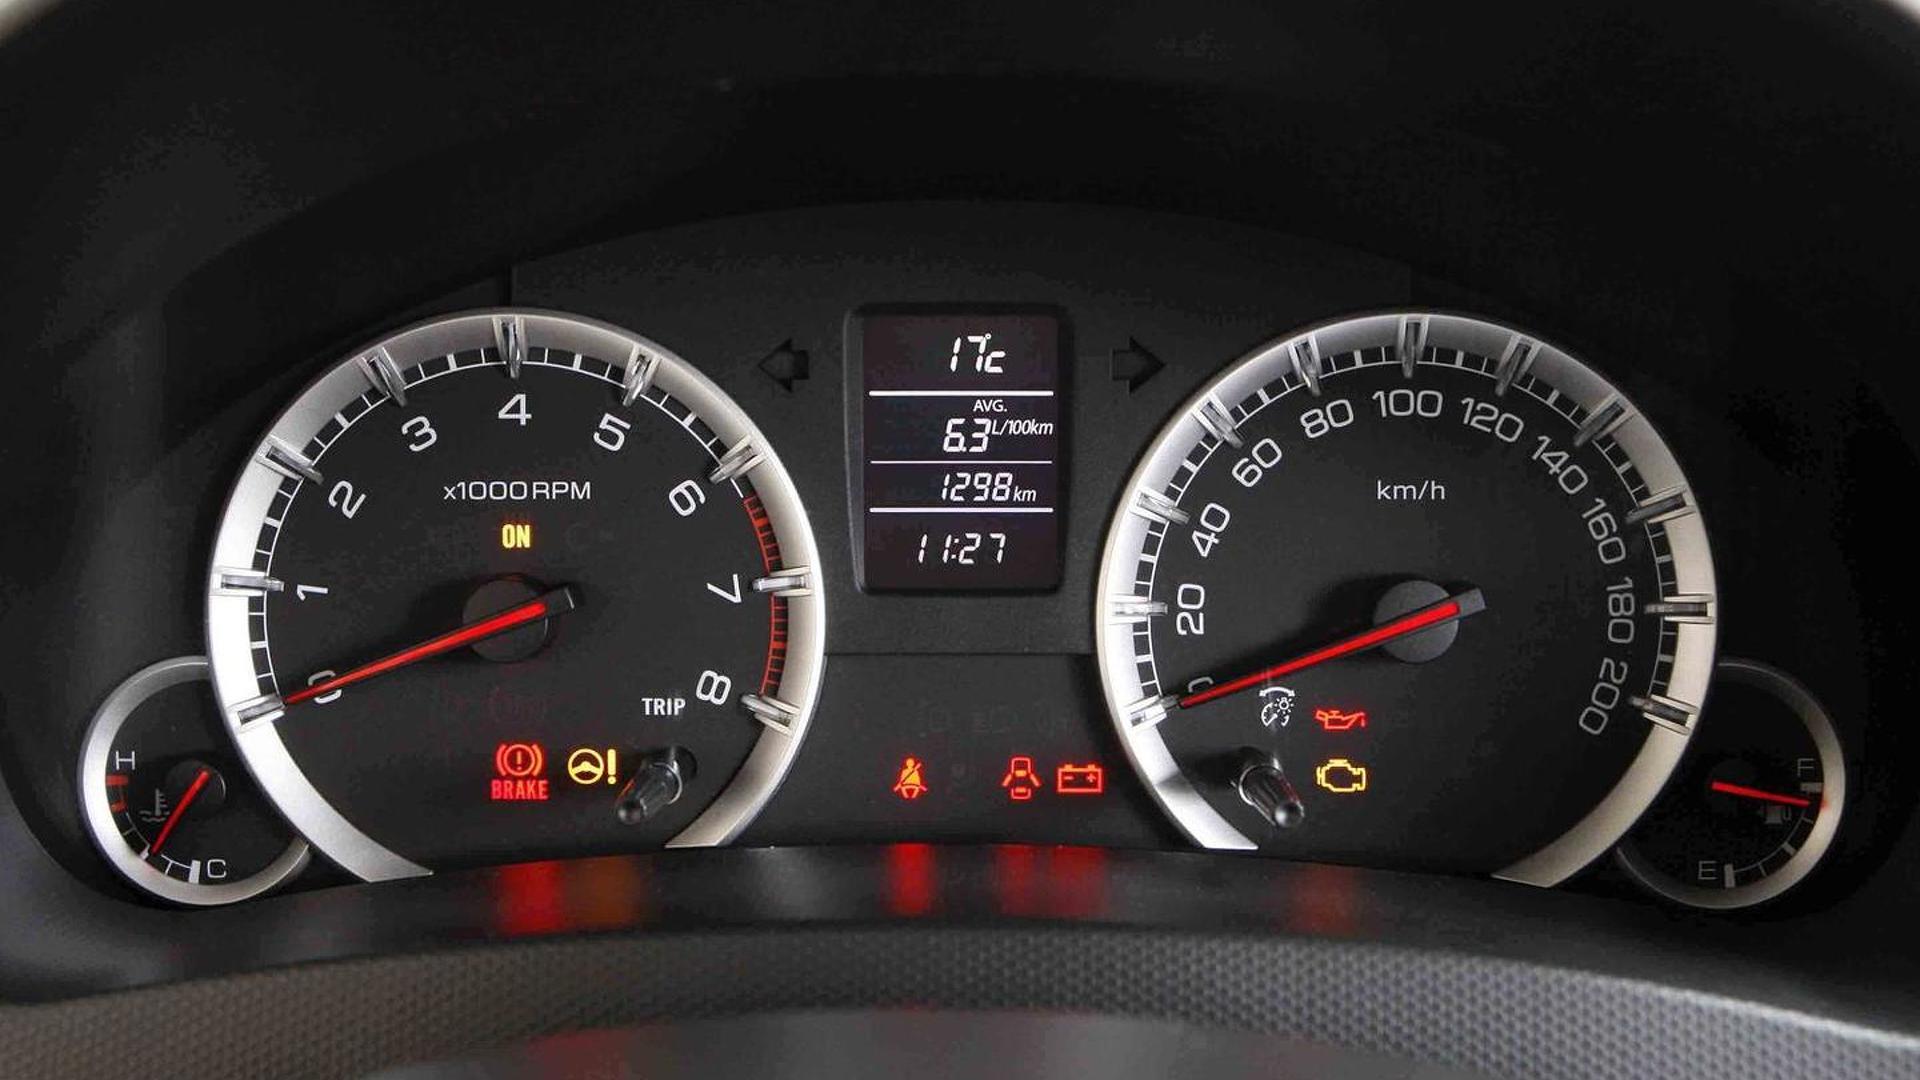 2011 suzuki swift interior more specs new images revealed rh motor1 com 2016 Suzuki Swift 2000 Suzuki Swift